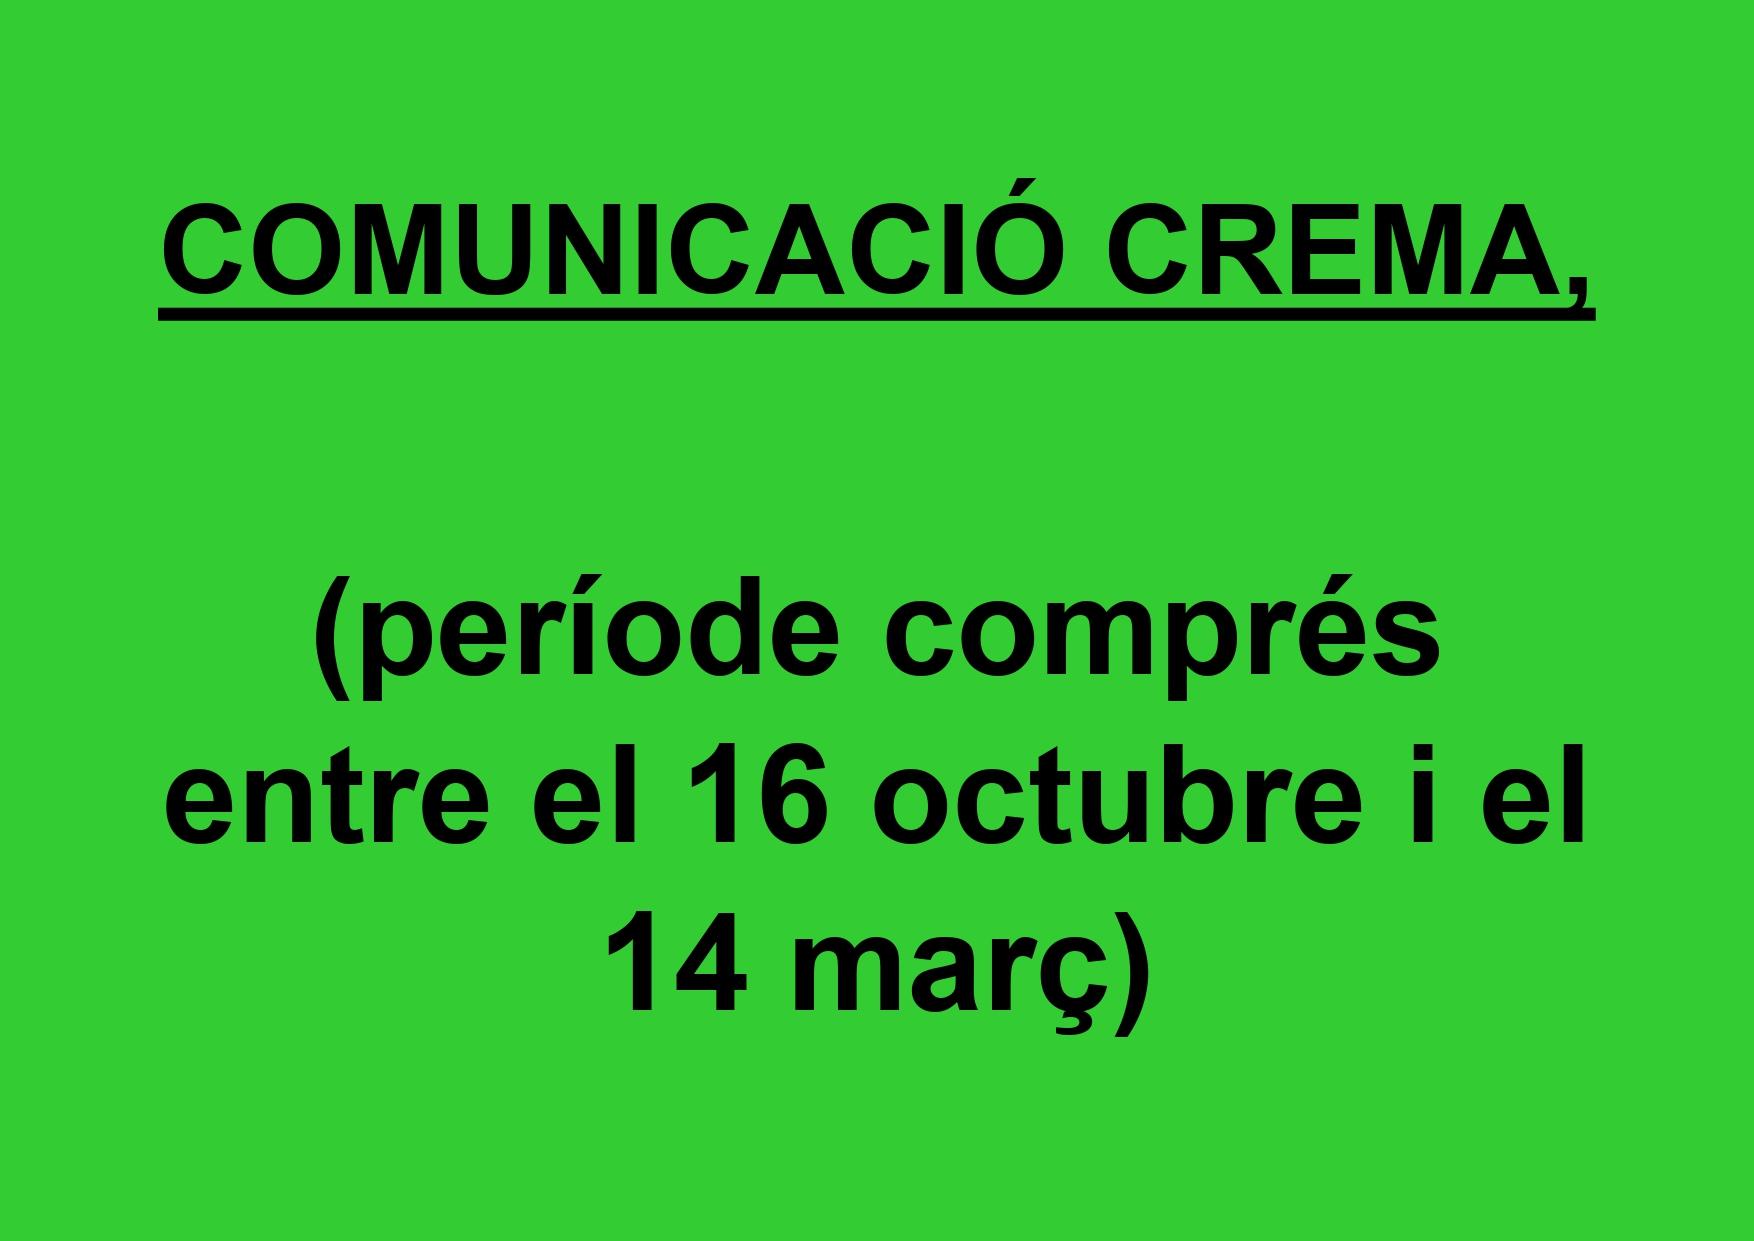 Comunicaci� crema